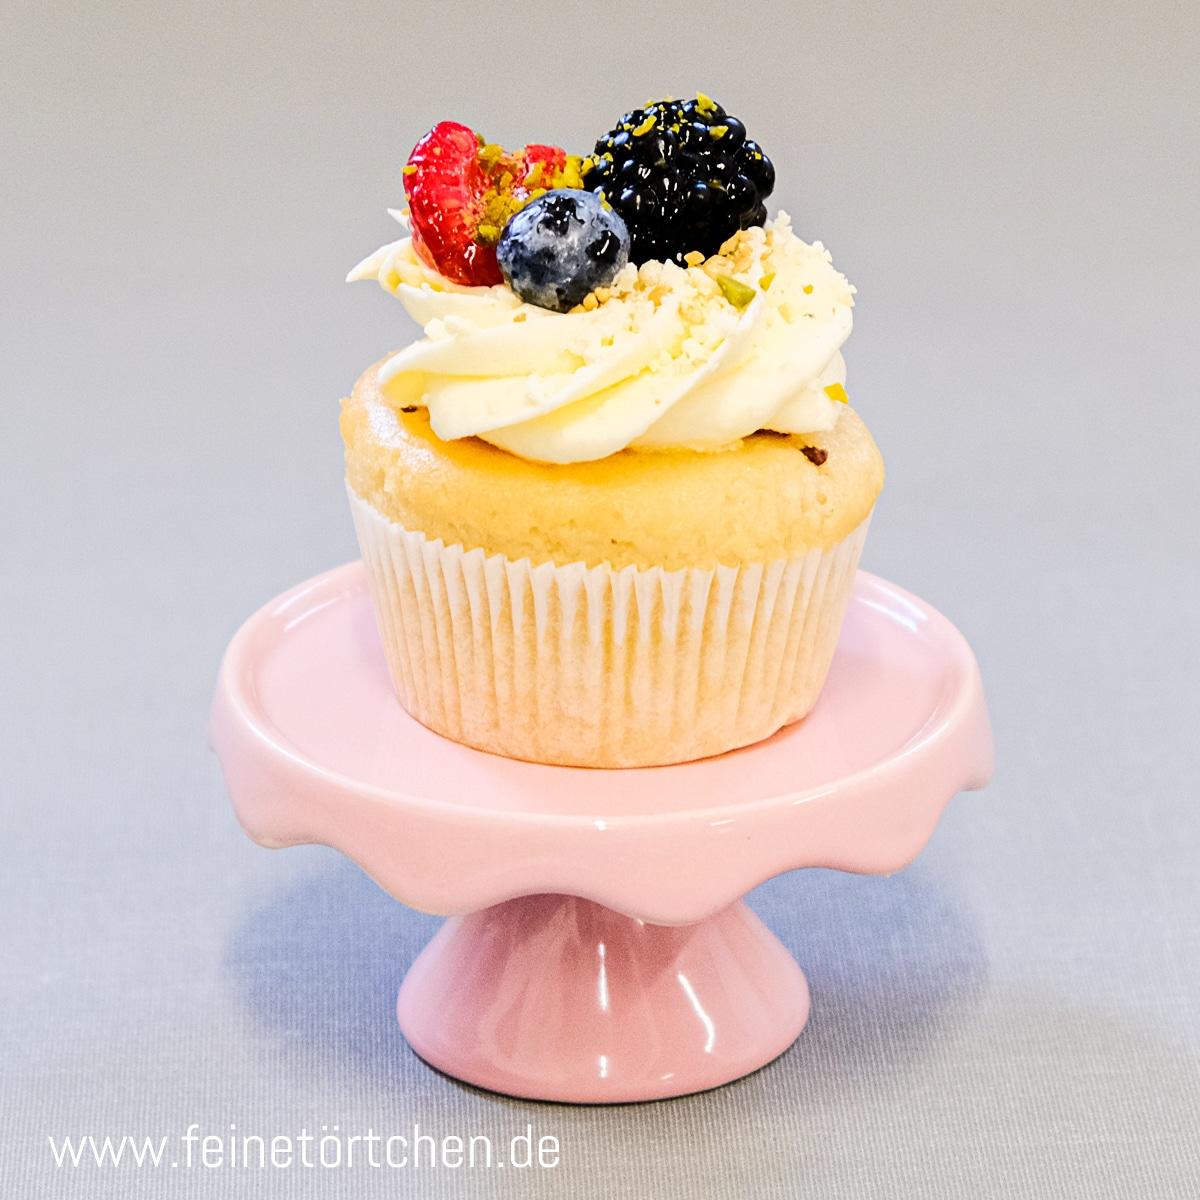 Fruchtige Wilma Waldfrucht Joghurt Cupcake Mademoiselle Cupcake